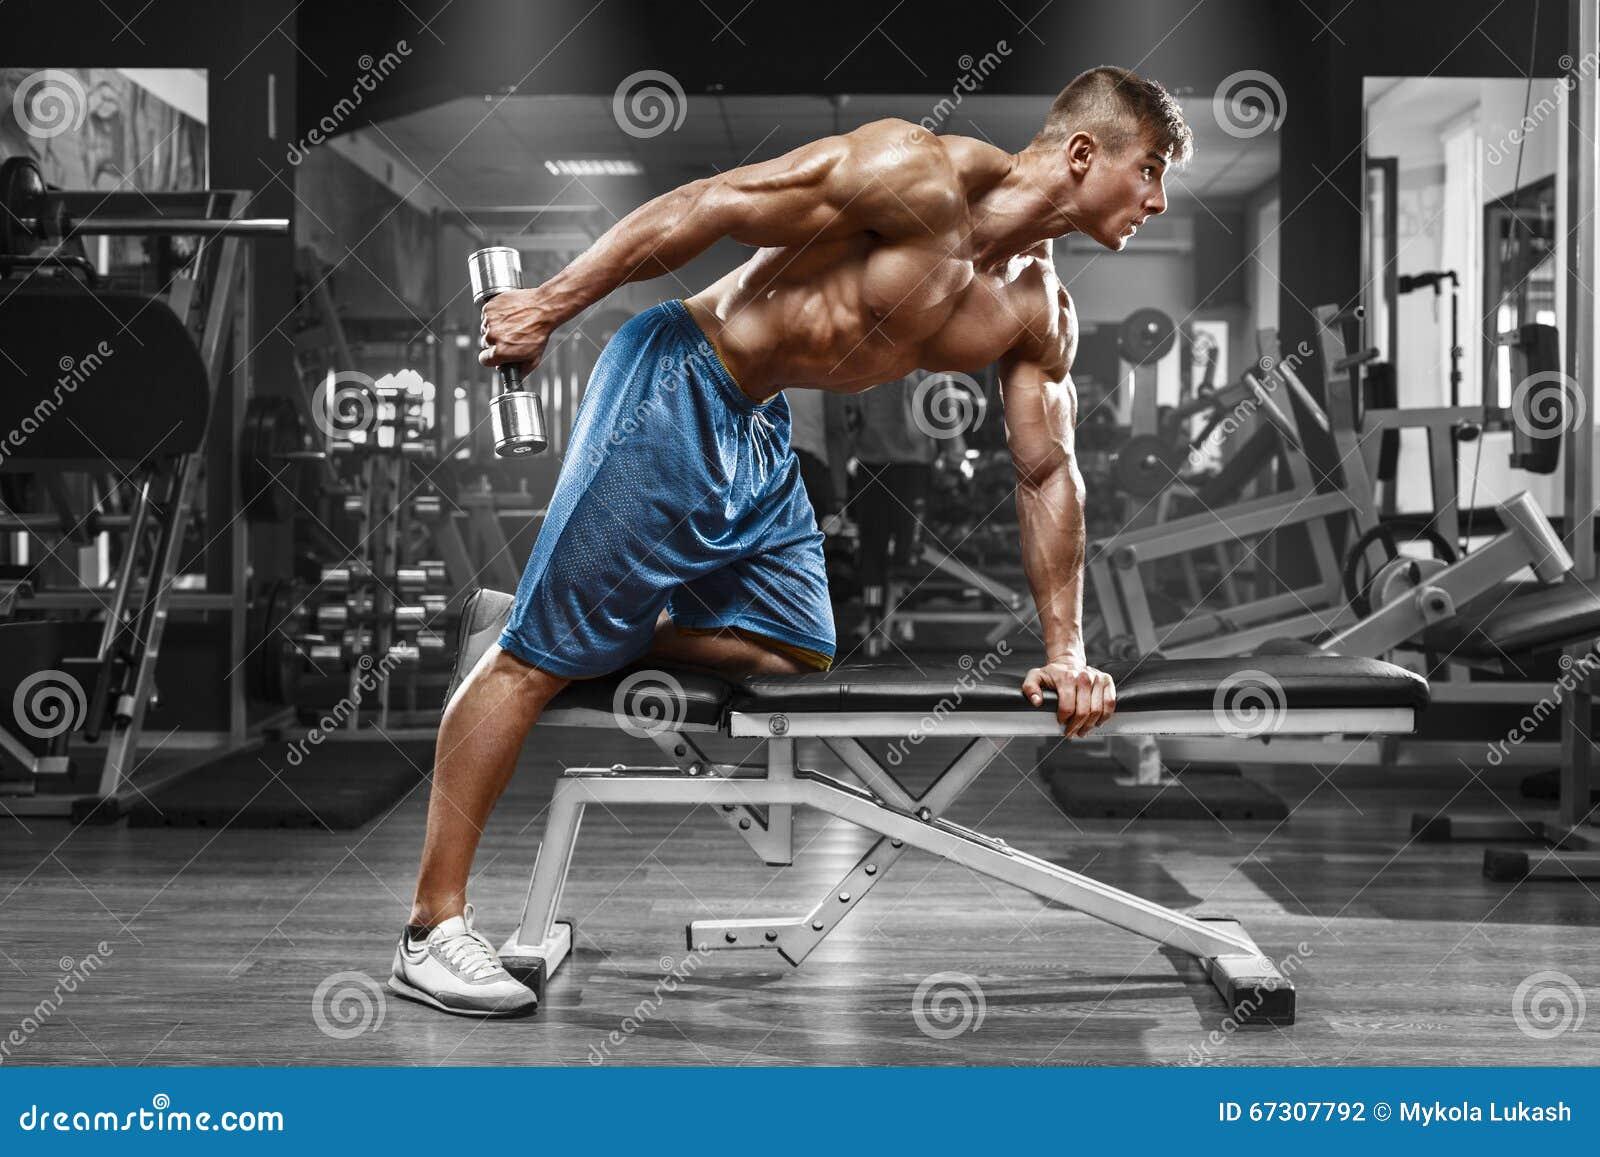 Мышечный человек разрабатывая в спортзале делая тренировки с гантелями на трицепсах, сильном мужском нагом abs торса